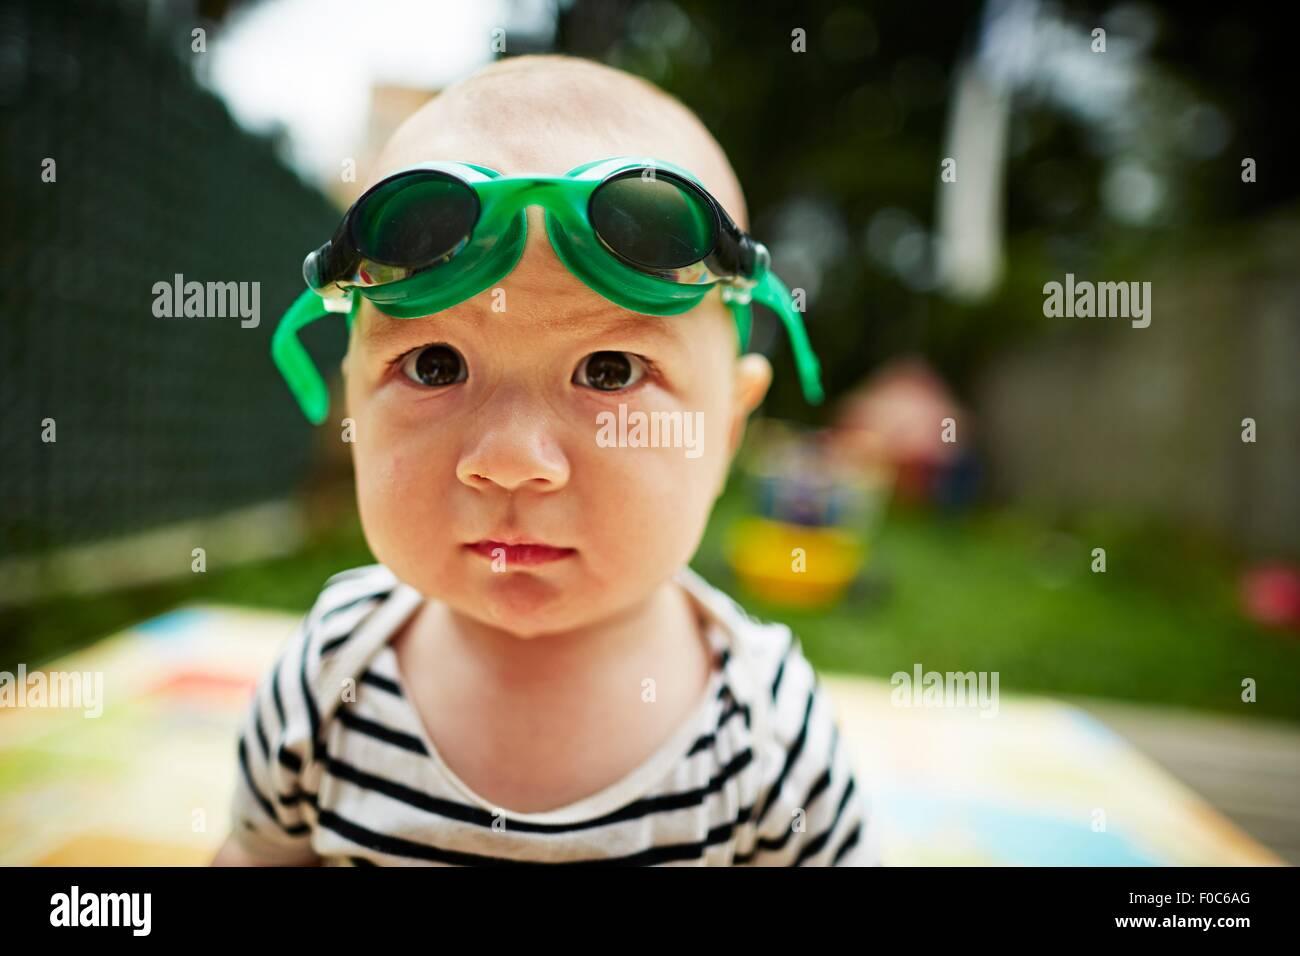 Close up ritratto di bambino guardando la telecamera indossando occhiali da nuoto Immagini Stock